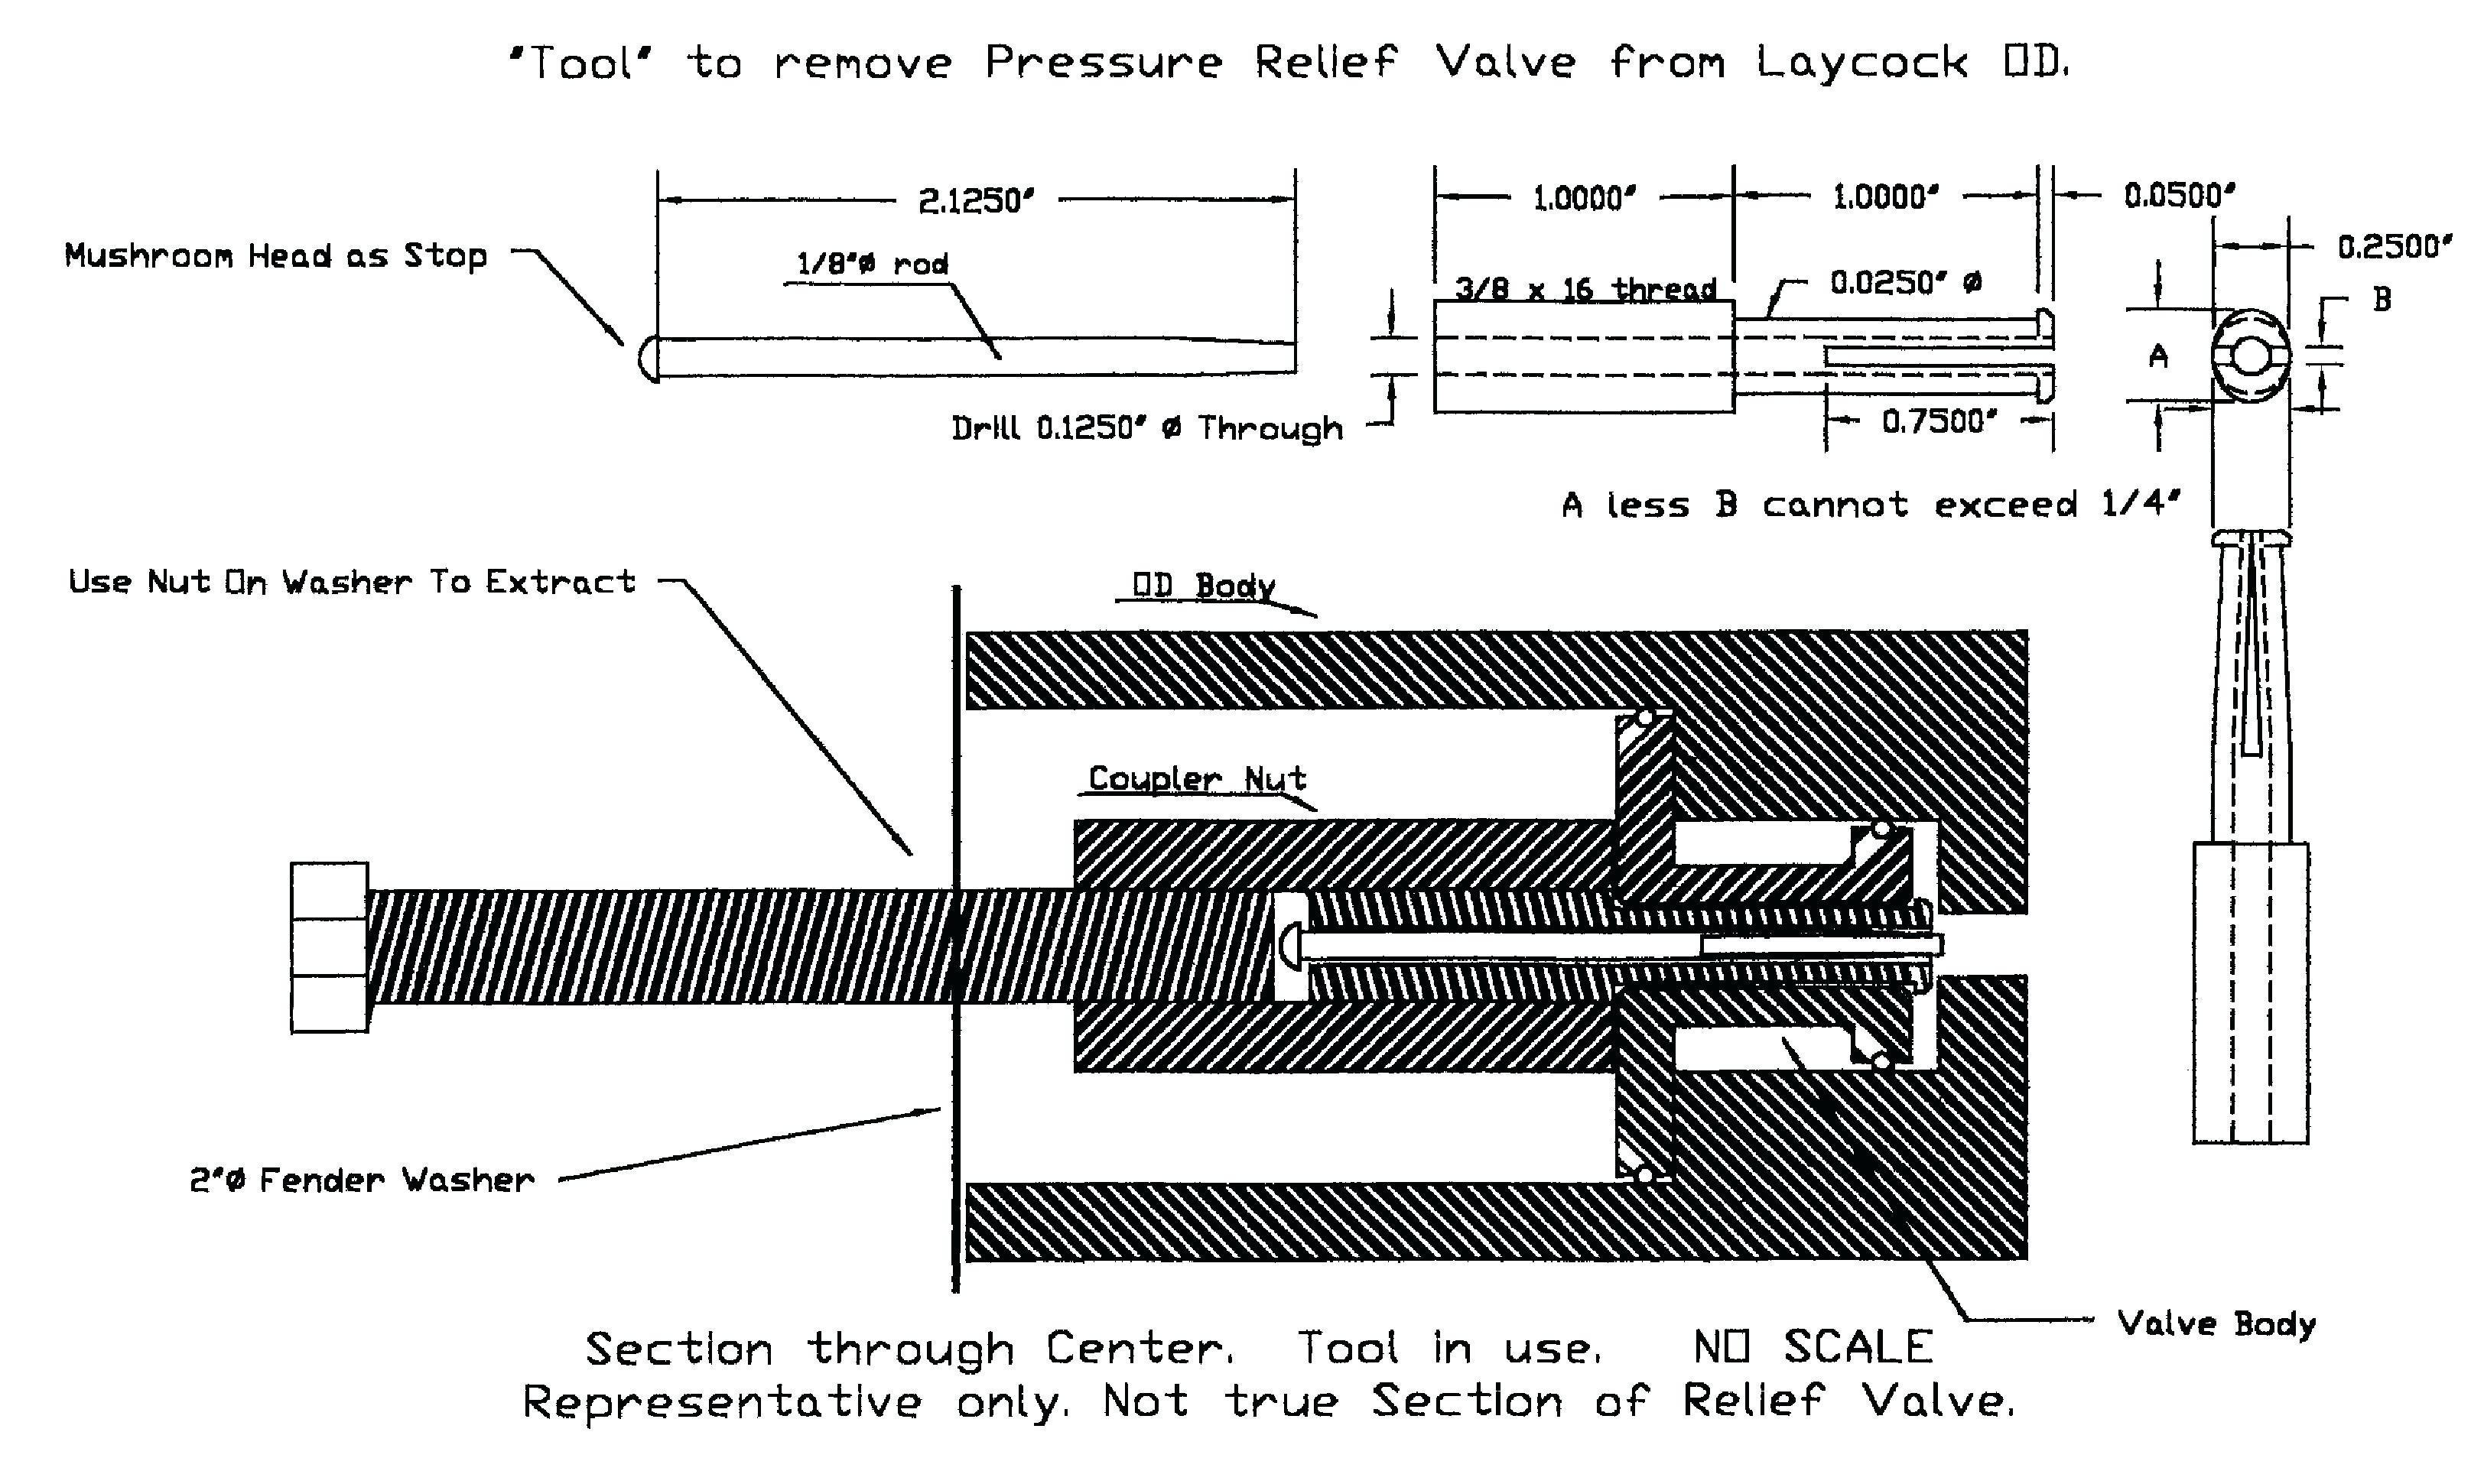 Yamaha Banshee Engine Diagram Yamaha Bass Wiring Diagram Data Wiring Diagrams • Of Yamaha Banshee Engine Diagram